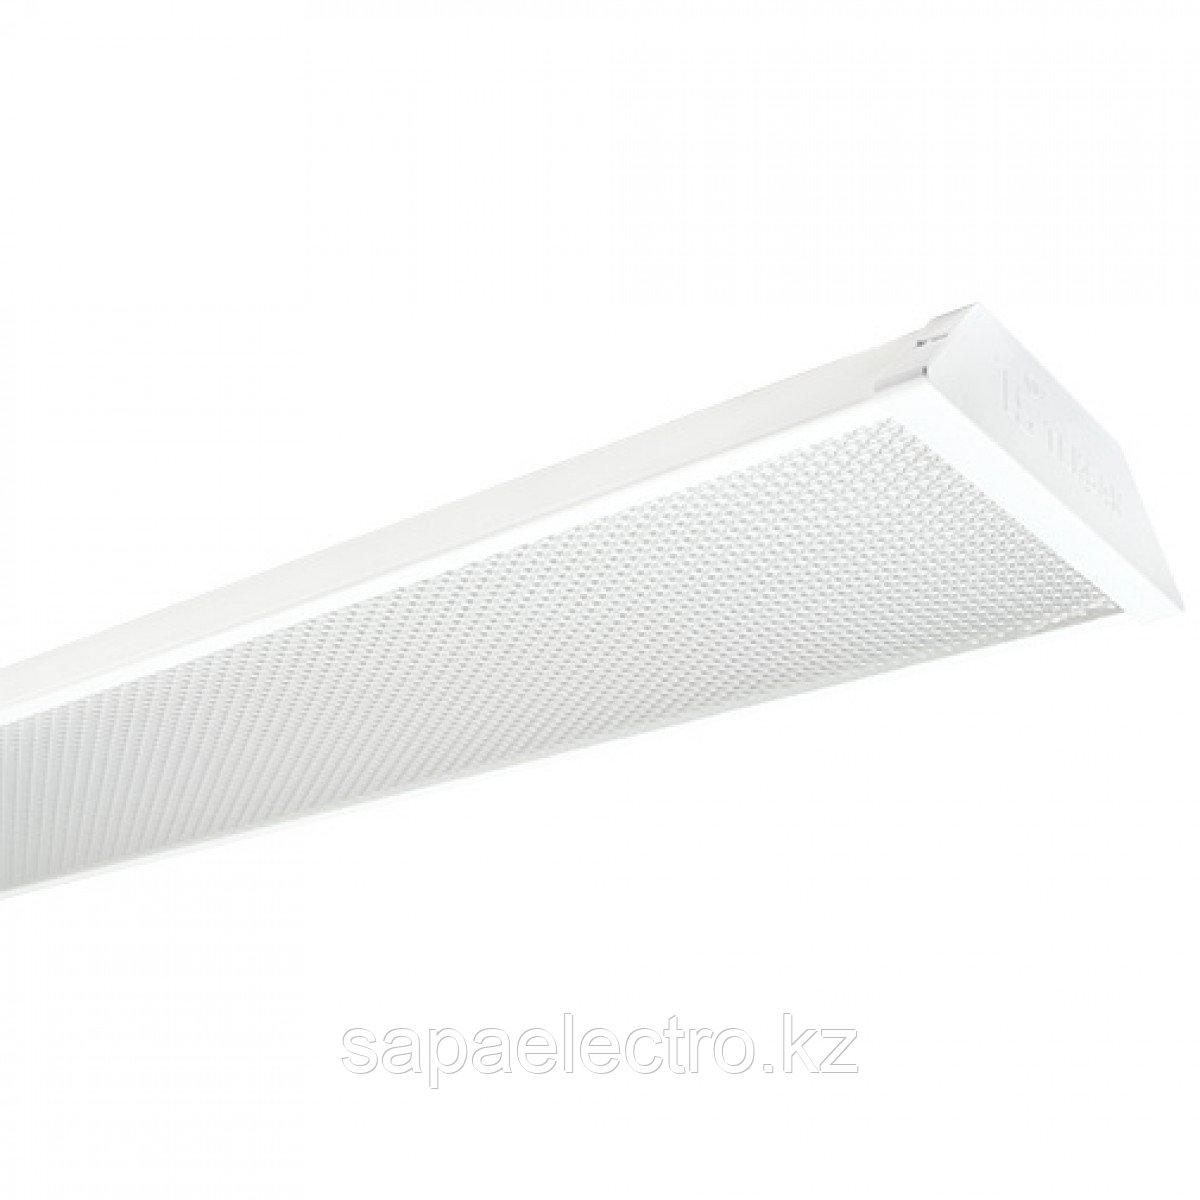 Св-к LEDTUBE LINEAR PRIZMATIK 2x9W+лампа (60см) IP2